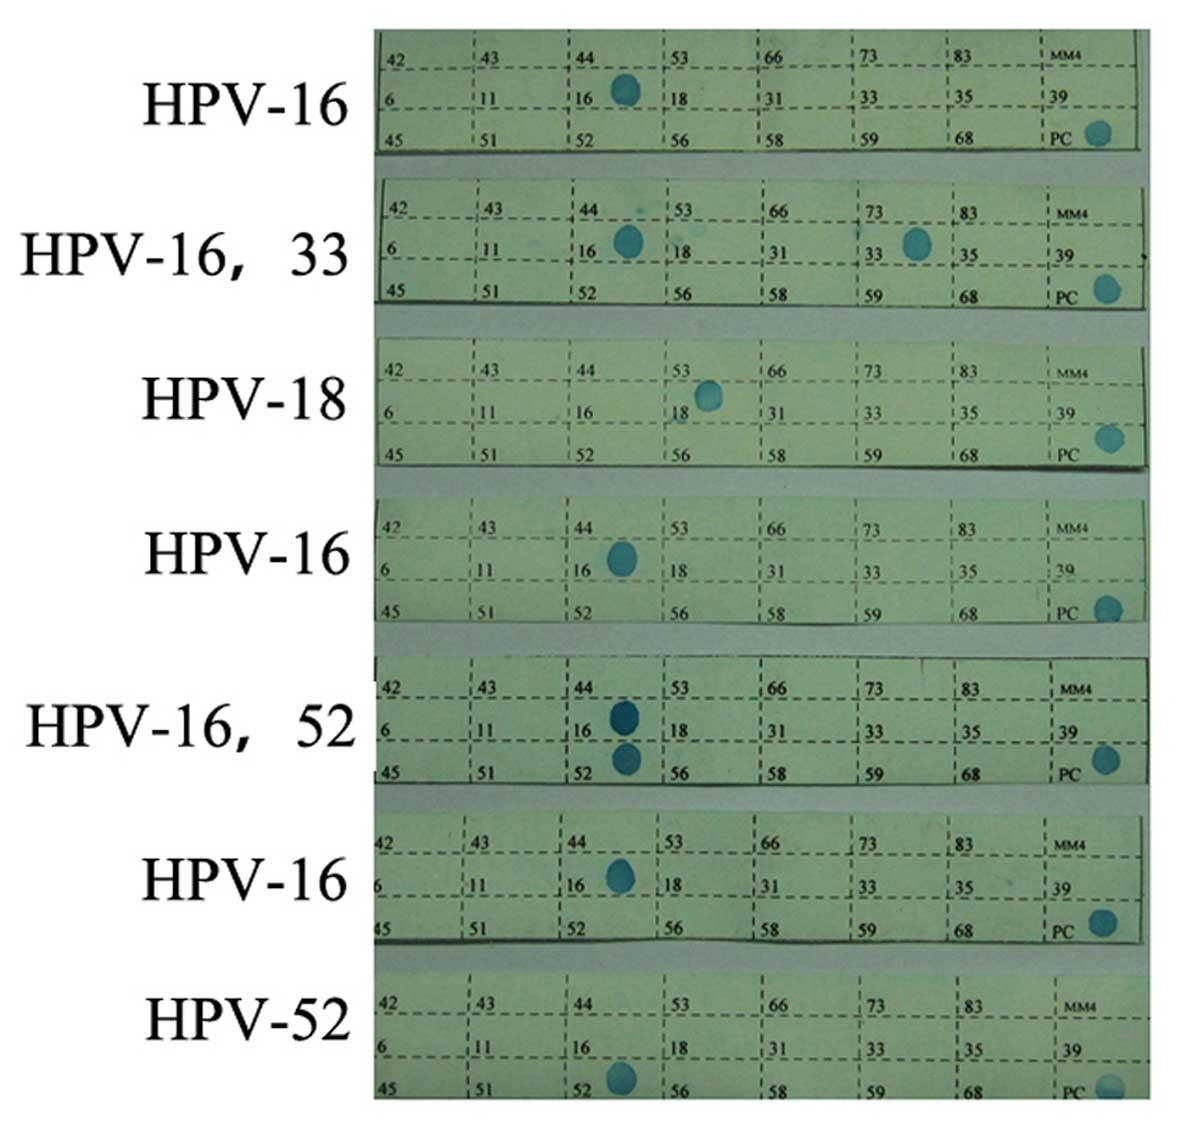 human papillomavirus 16-positive toxine tsst 1 panton valentine